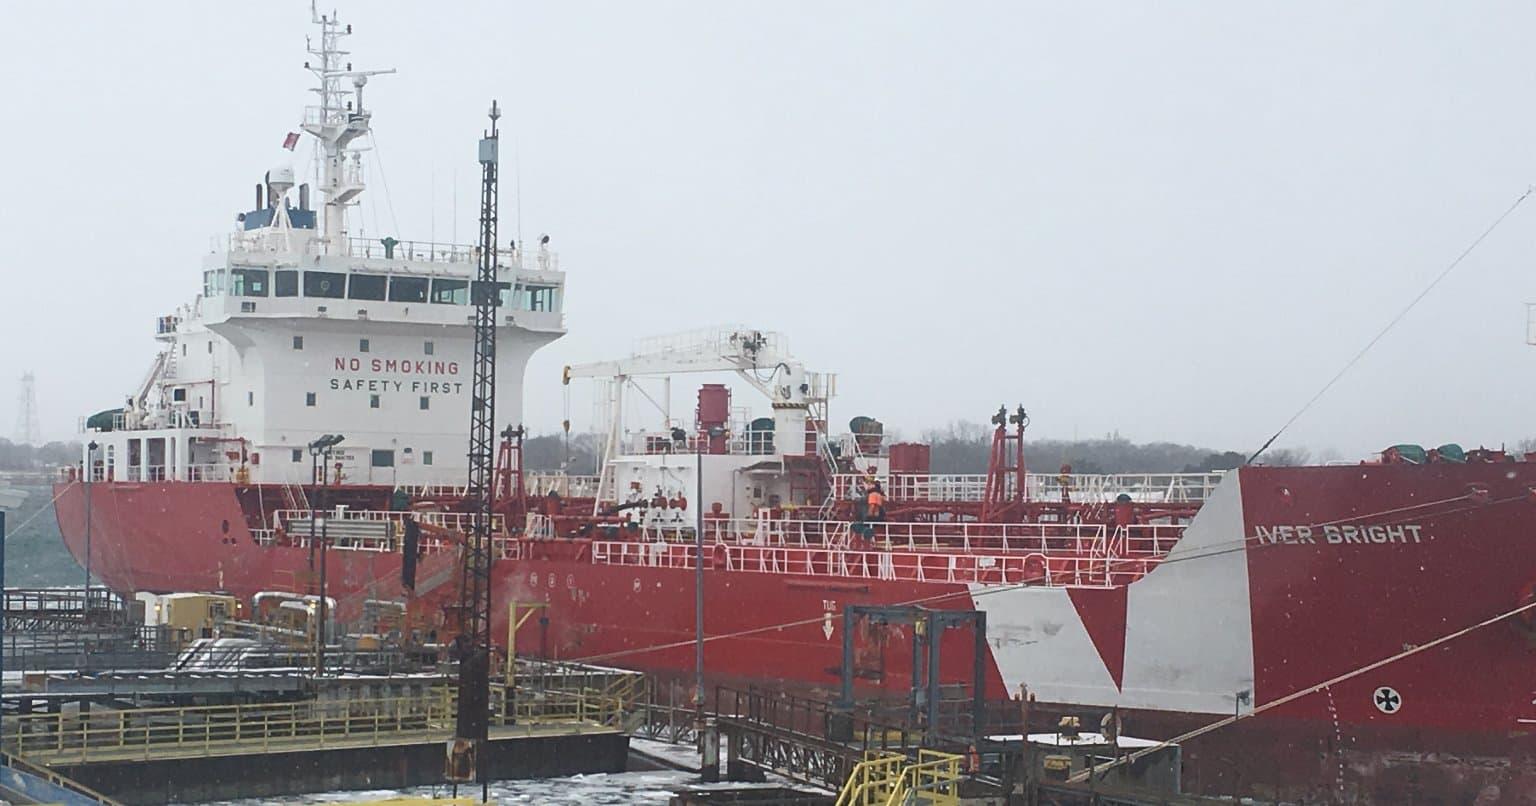 Notre navire Iver Bright à Sarnia en hiver